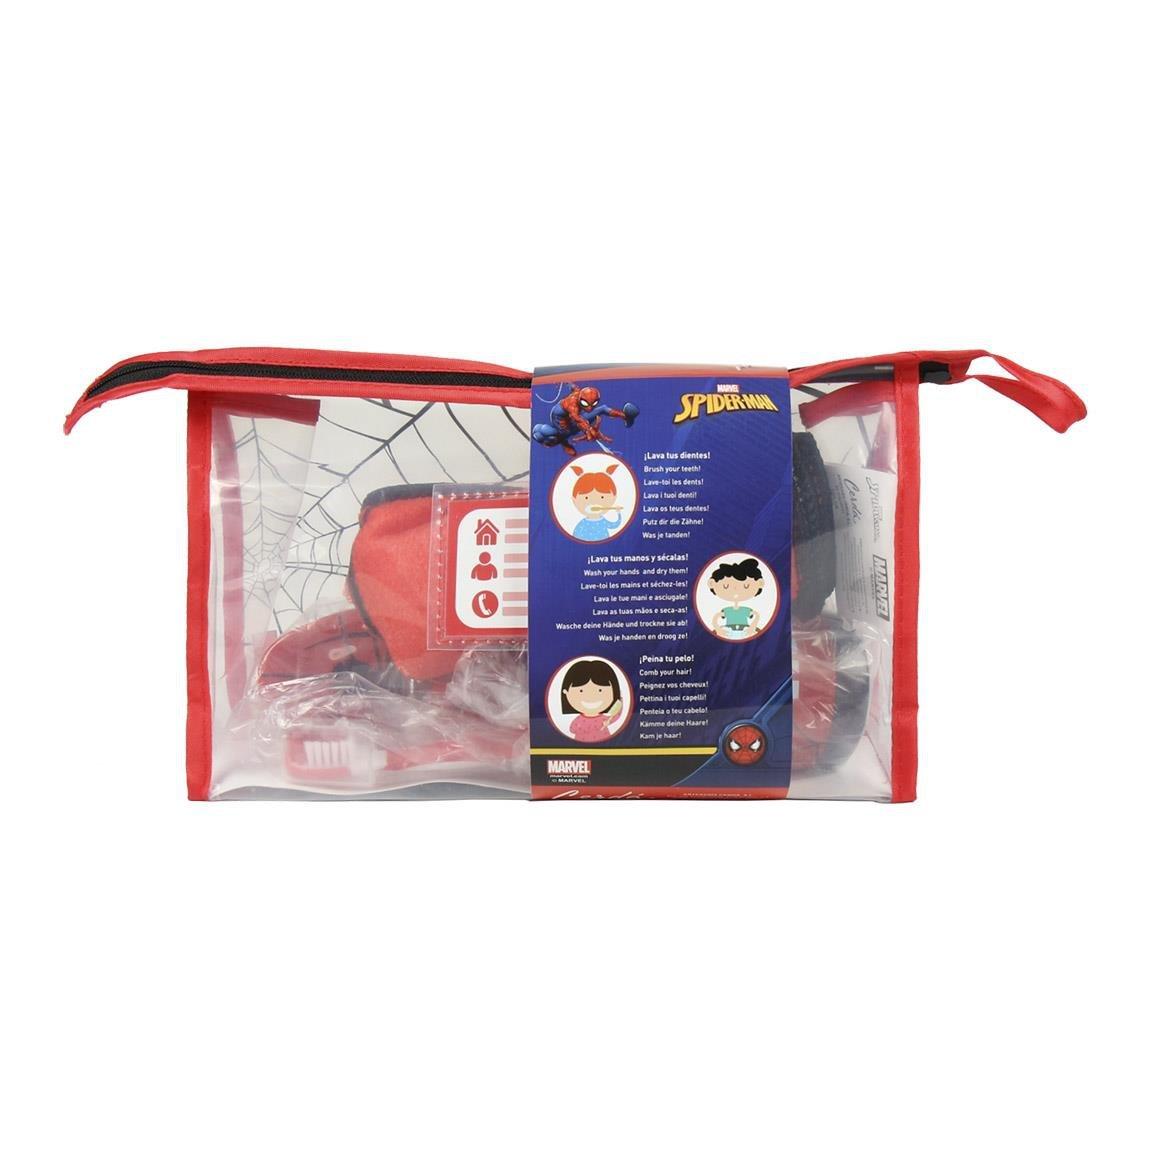 Kit Neceser de viaje Spider-Man para viaje o para el colegio/Neceser de viaje Spiderman Licenciado, Medidas 230x155x80 mm Color Rojo: Amazon.es: Equipaje